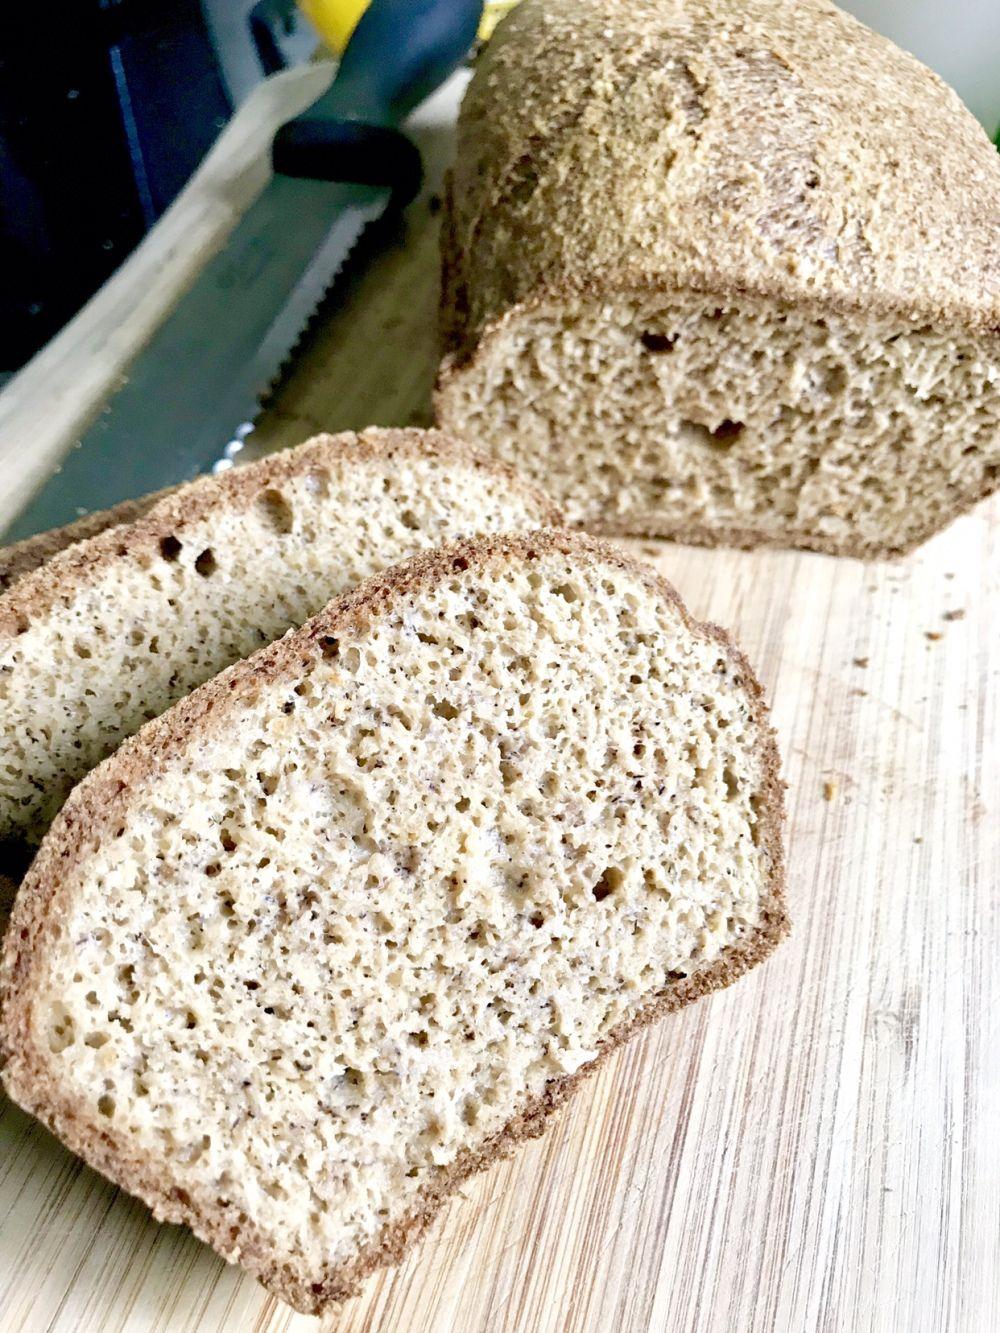 Easy Keto Bread Recipe Almond Flour And Psyllium Husk Easy Keto Bread Recipe Keto Bread Bread Recipes